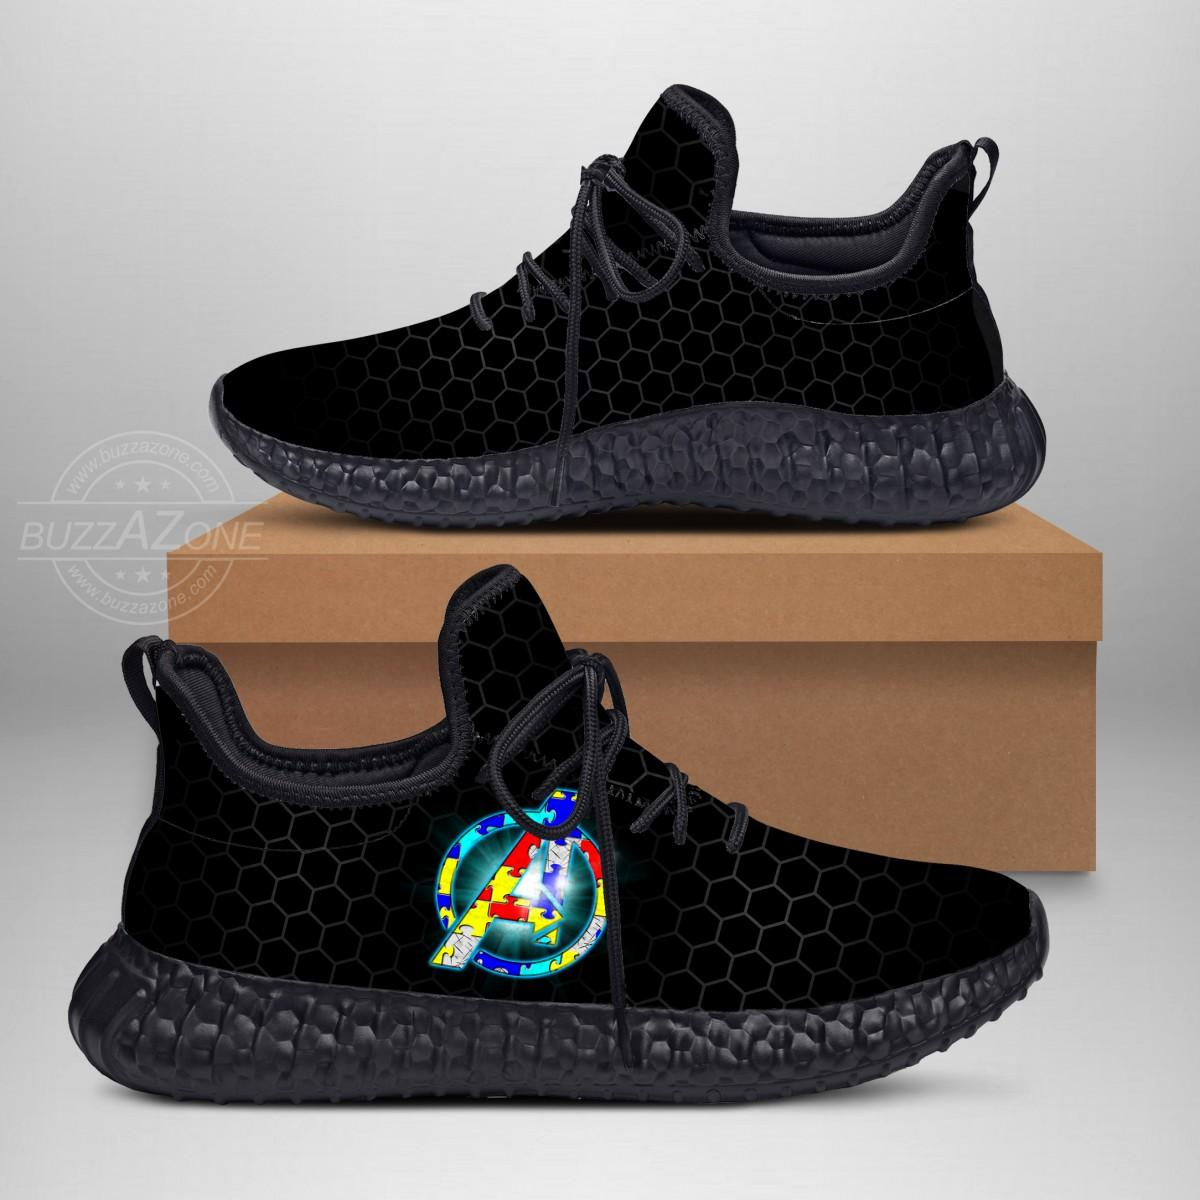 Autism Avenger Custom New Yeezy Sneaker